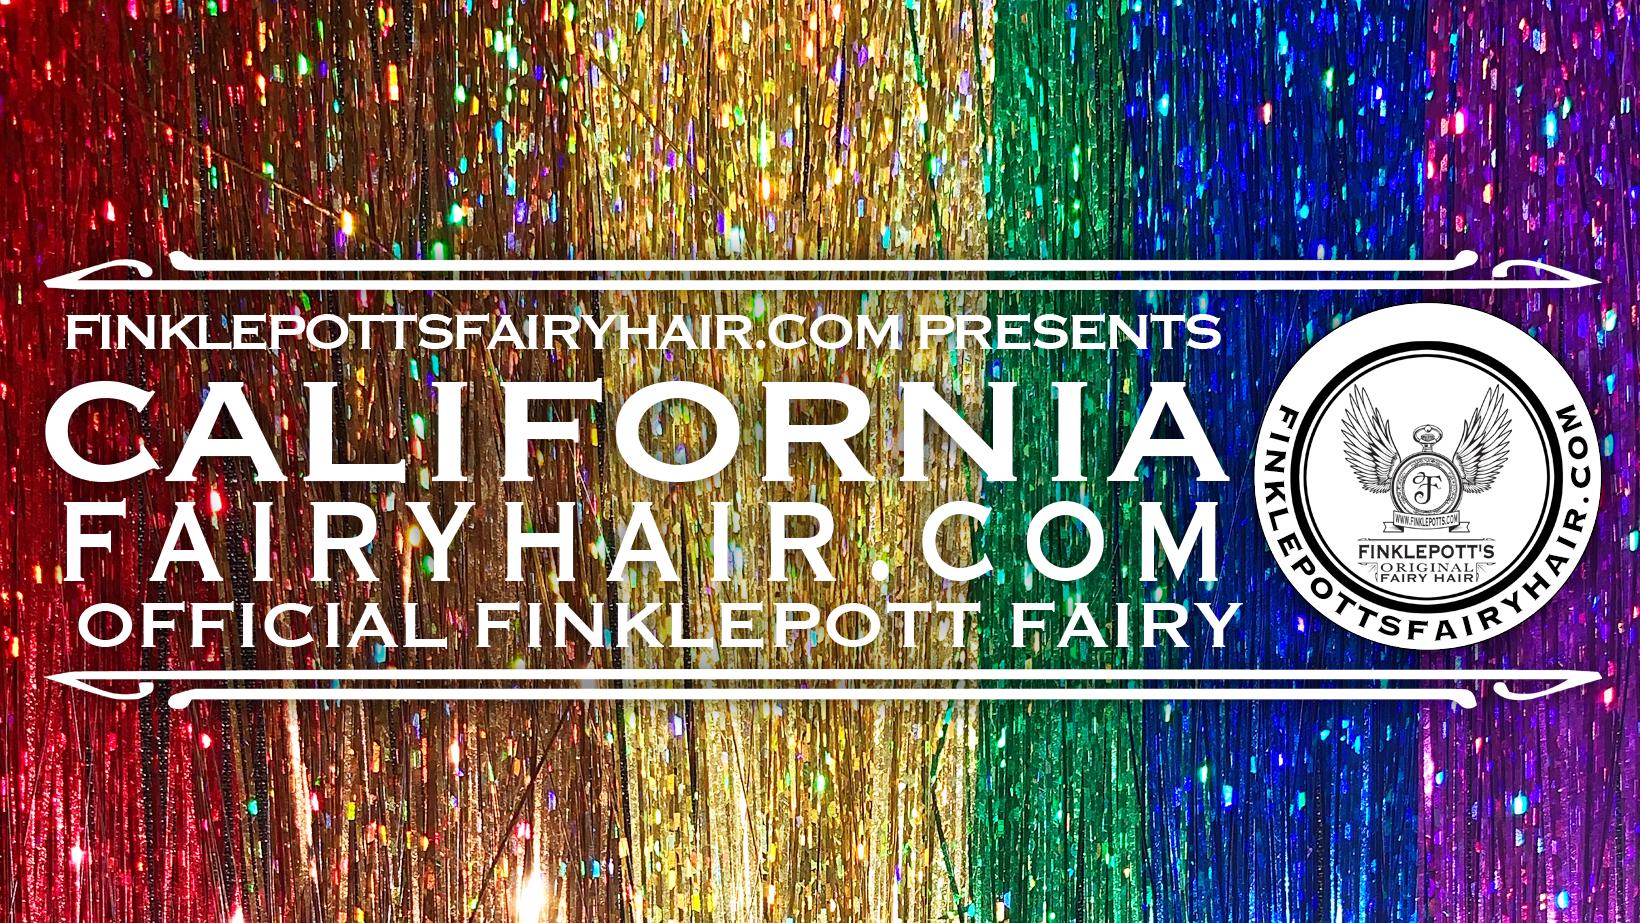 CaliforniaFairyHair.com